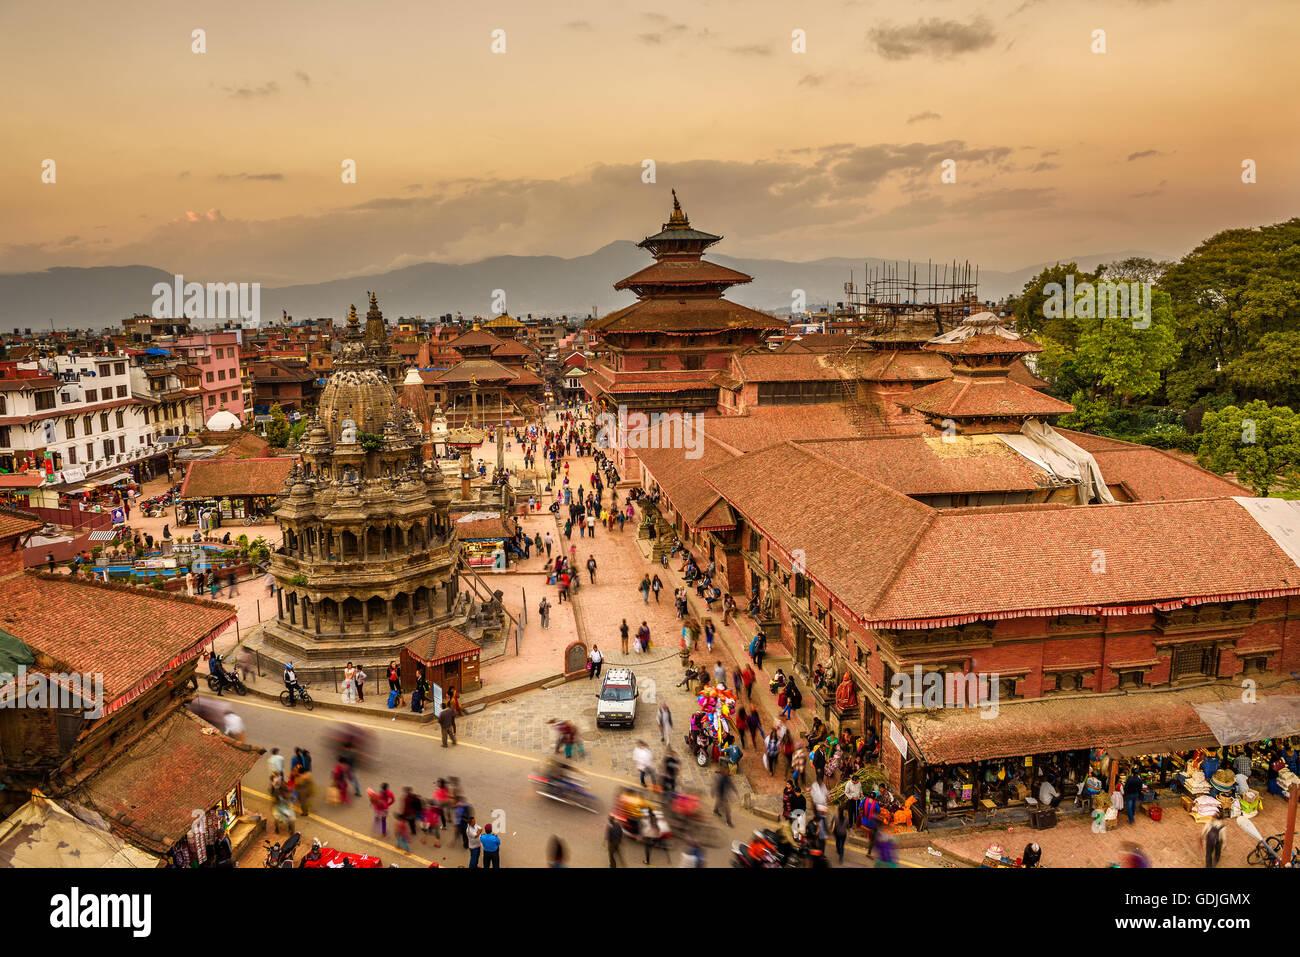 Coucher de soleil sur Patan Durbar Square au Népal Photo Stock